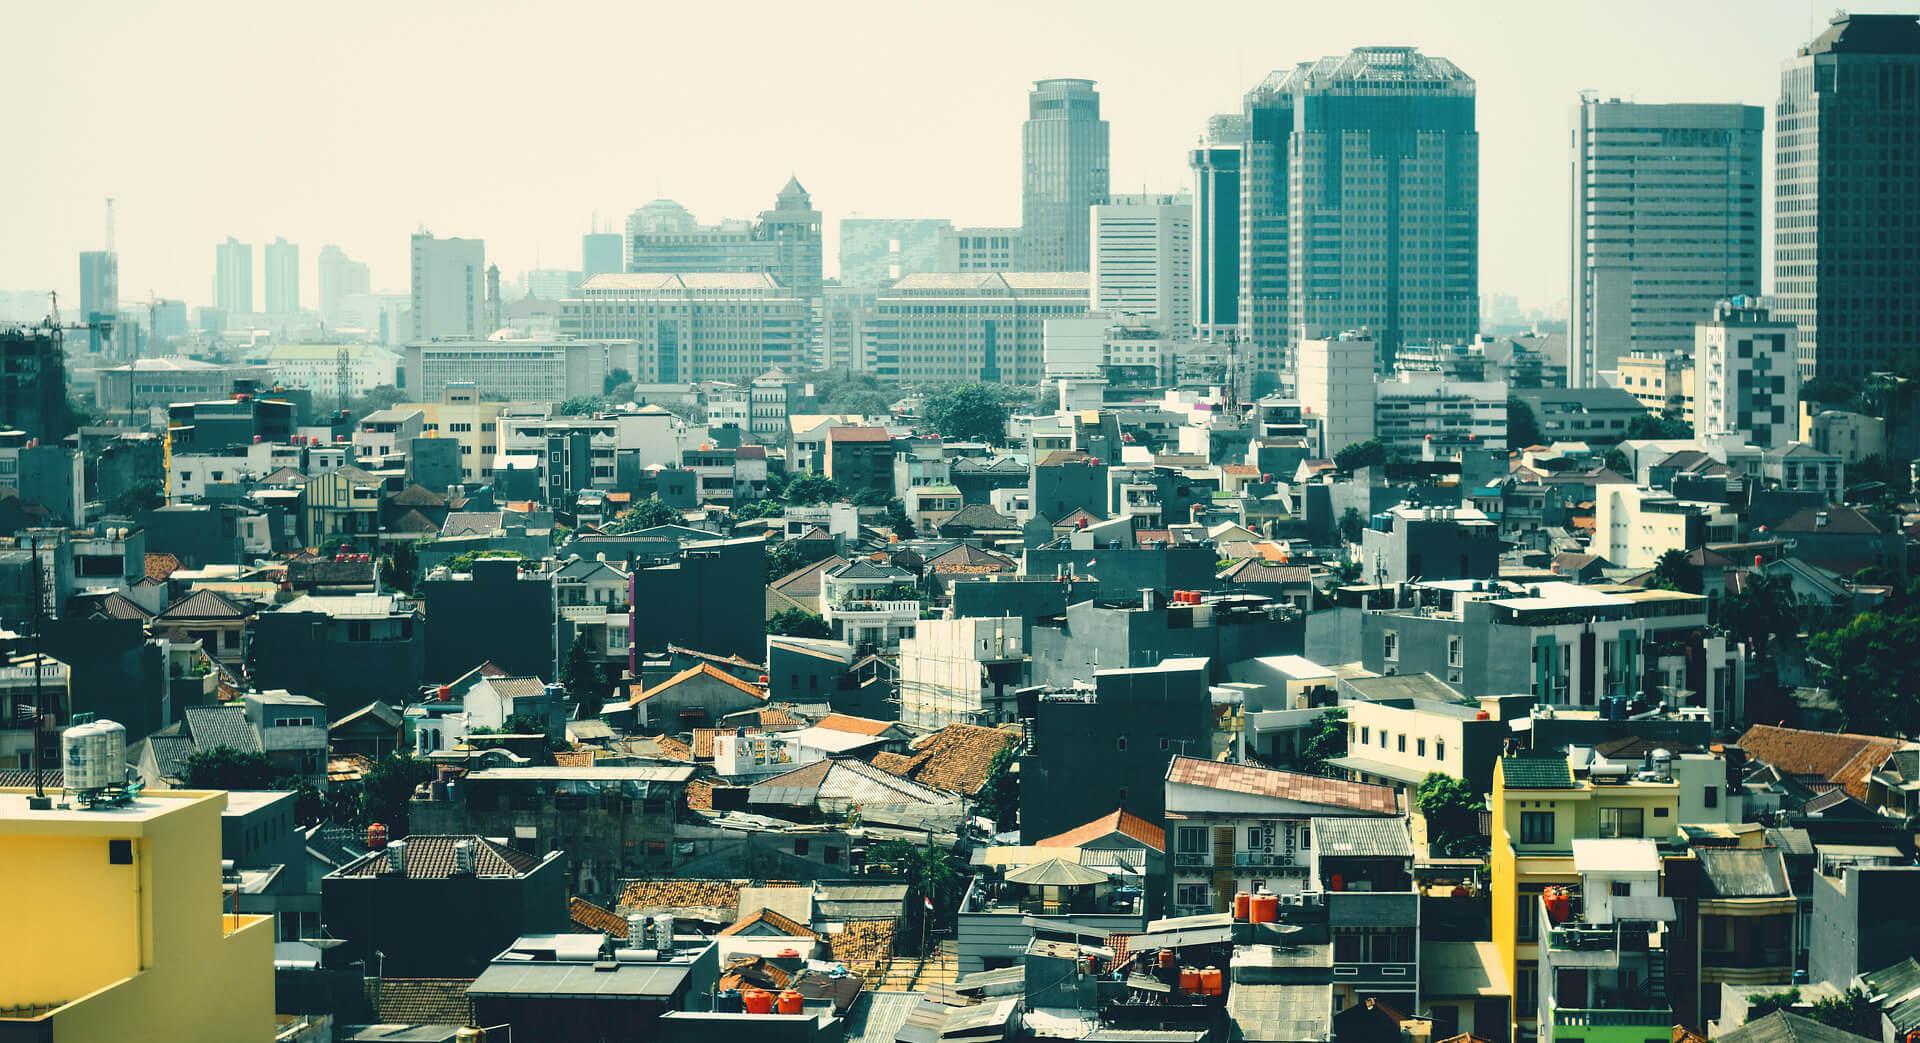 【2020年版】インドネシア経済の最新状況 | ジョコ政権が率いる「内需主導型経済」の行方は?